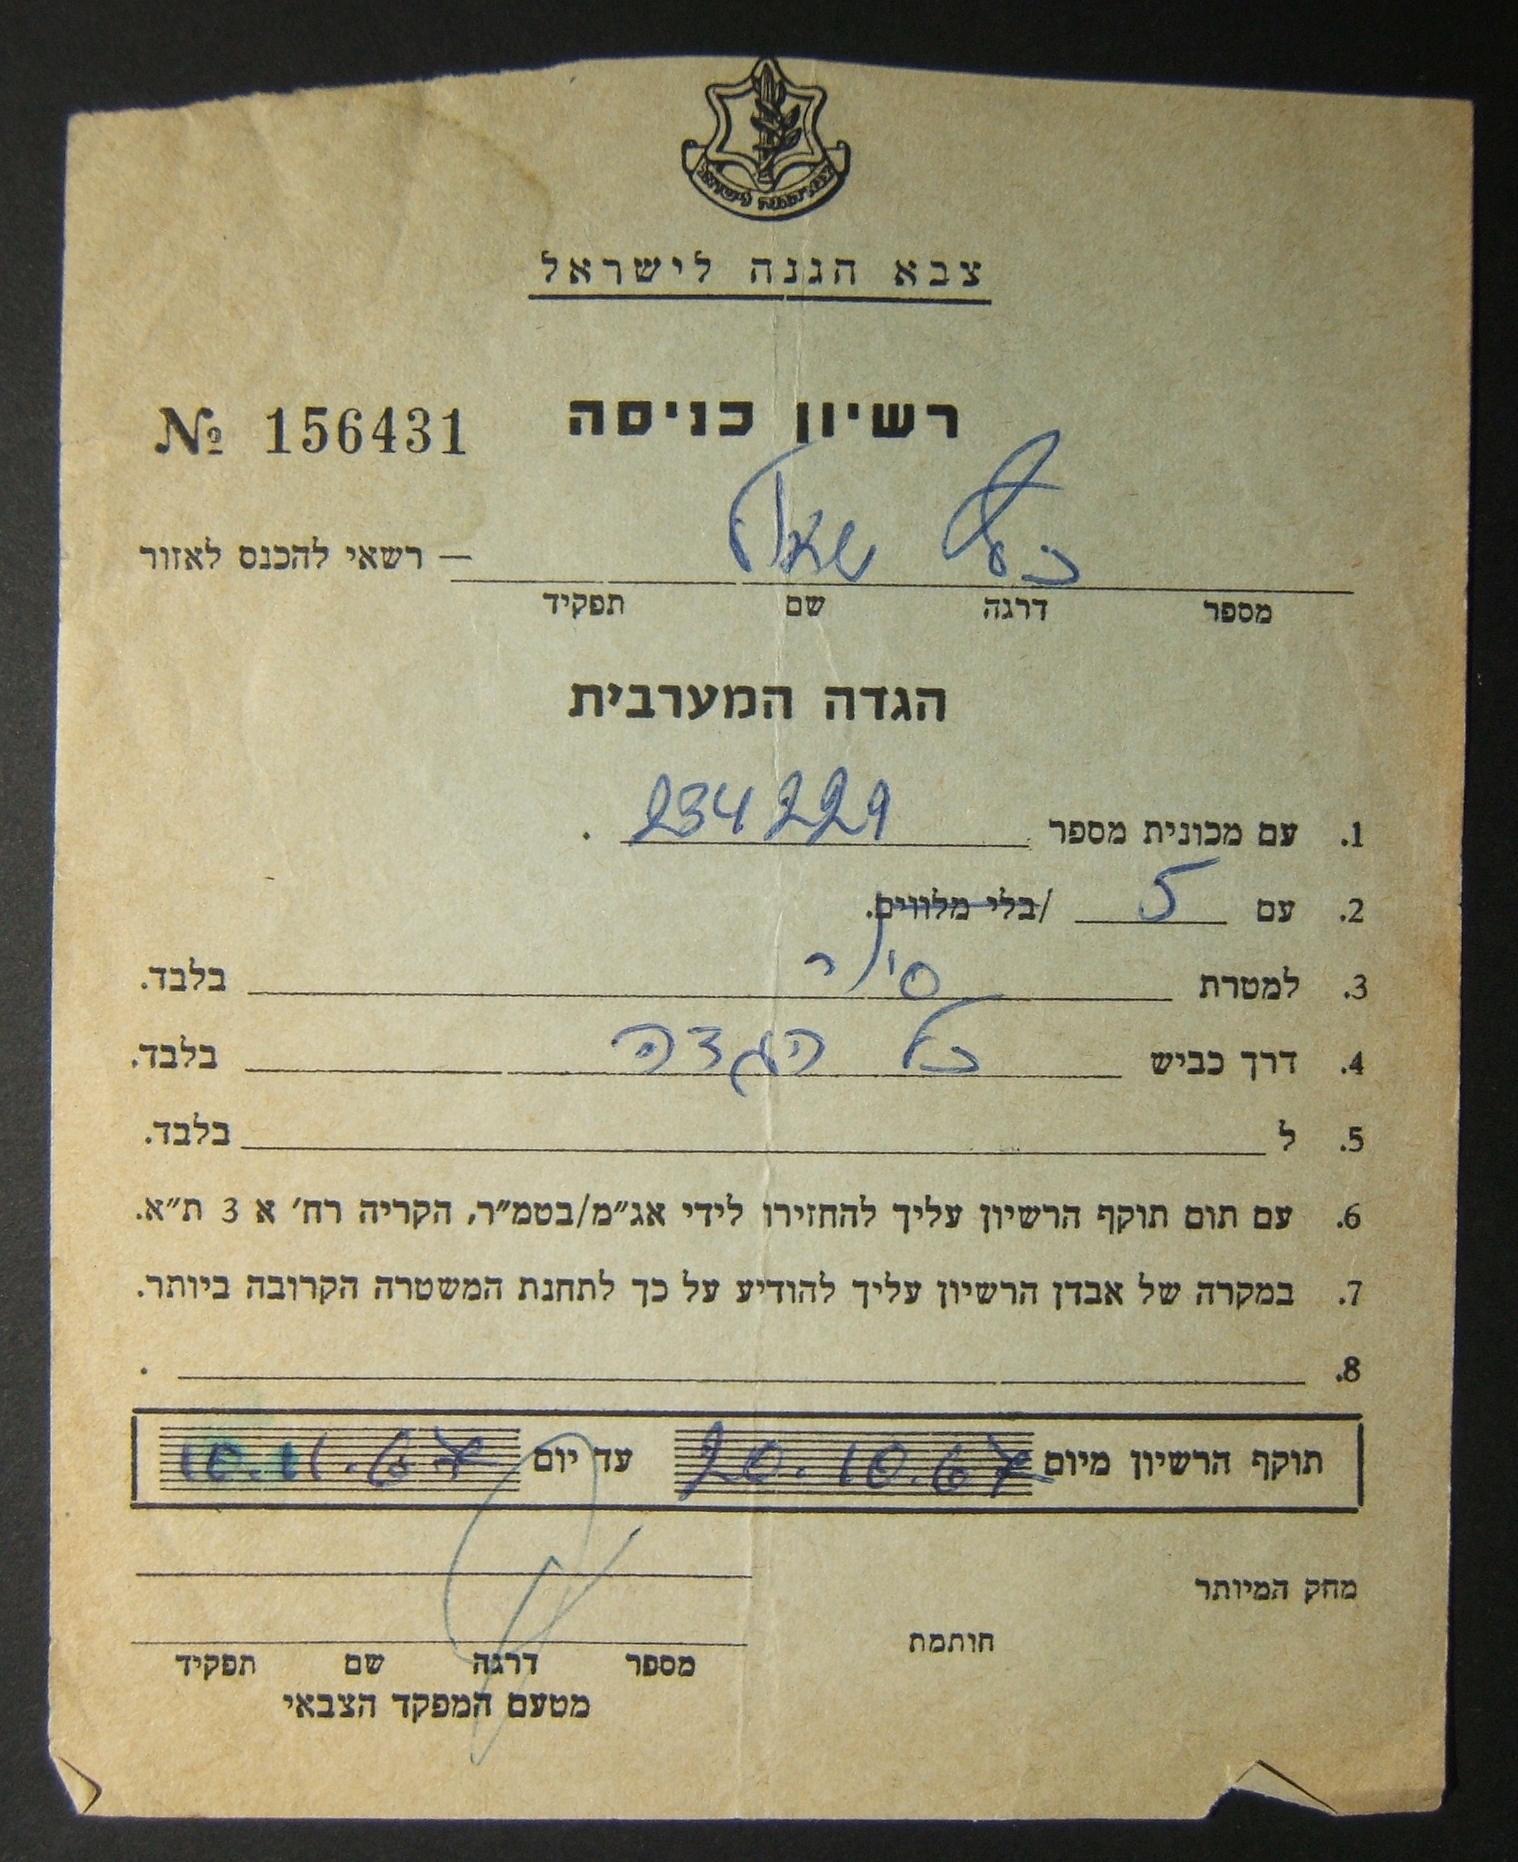 تصريح دخول الجيش الإسرائيلي / جيش الدفاع الإسرائيلي للضفة الغربية المحتلة حديثًا ، أكتوبر 1967